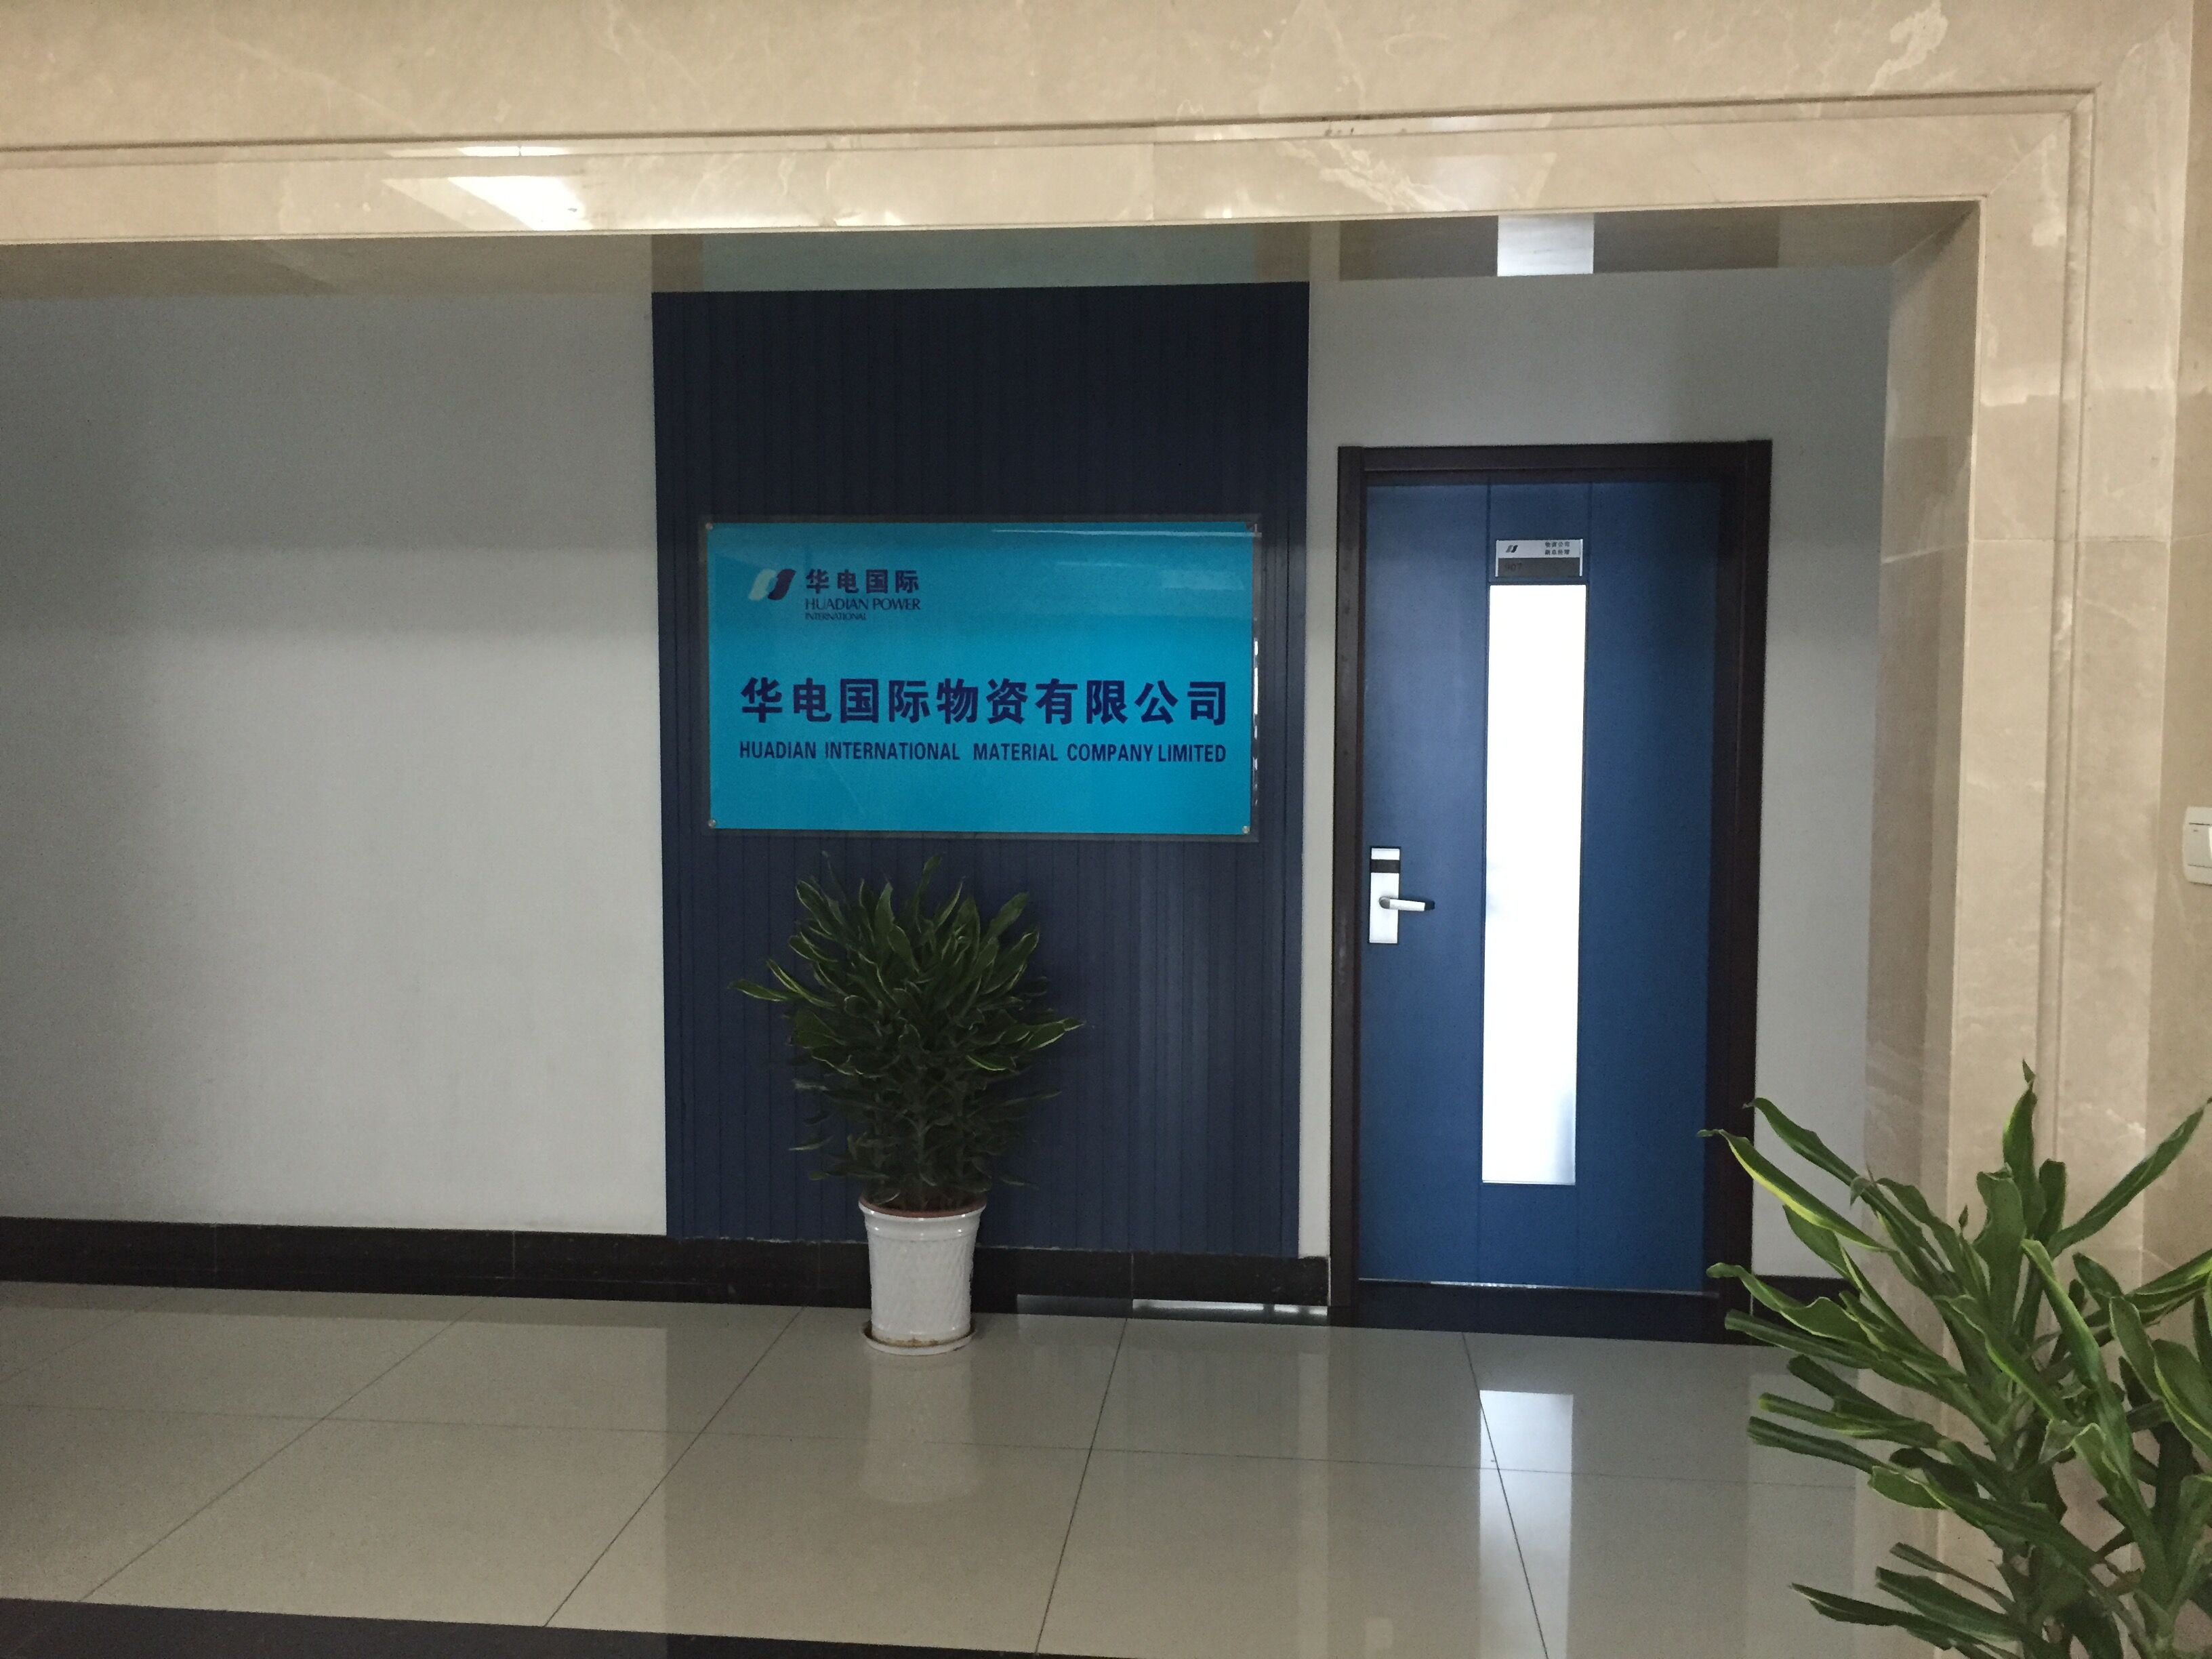 中国华电国际有限公司